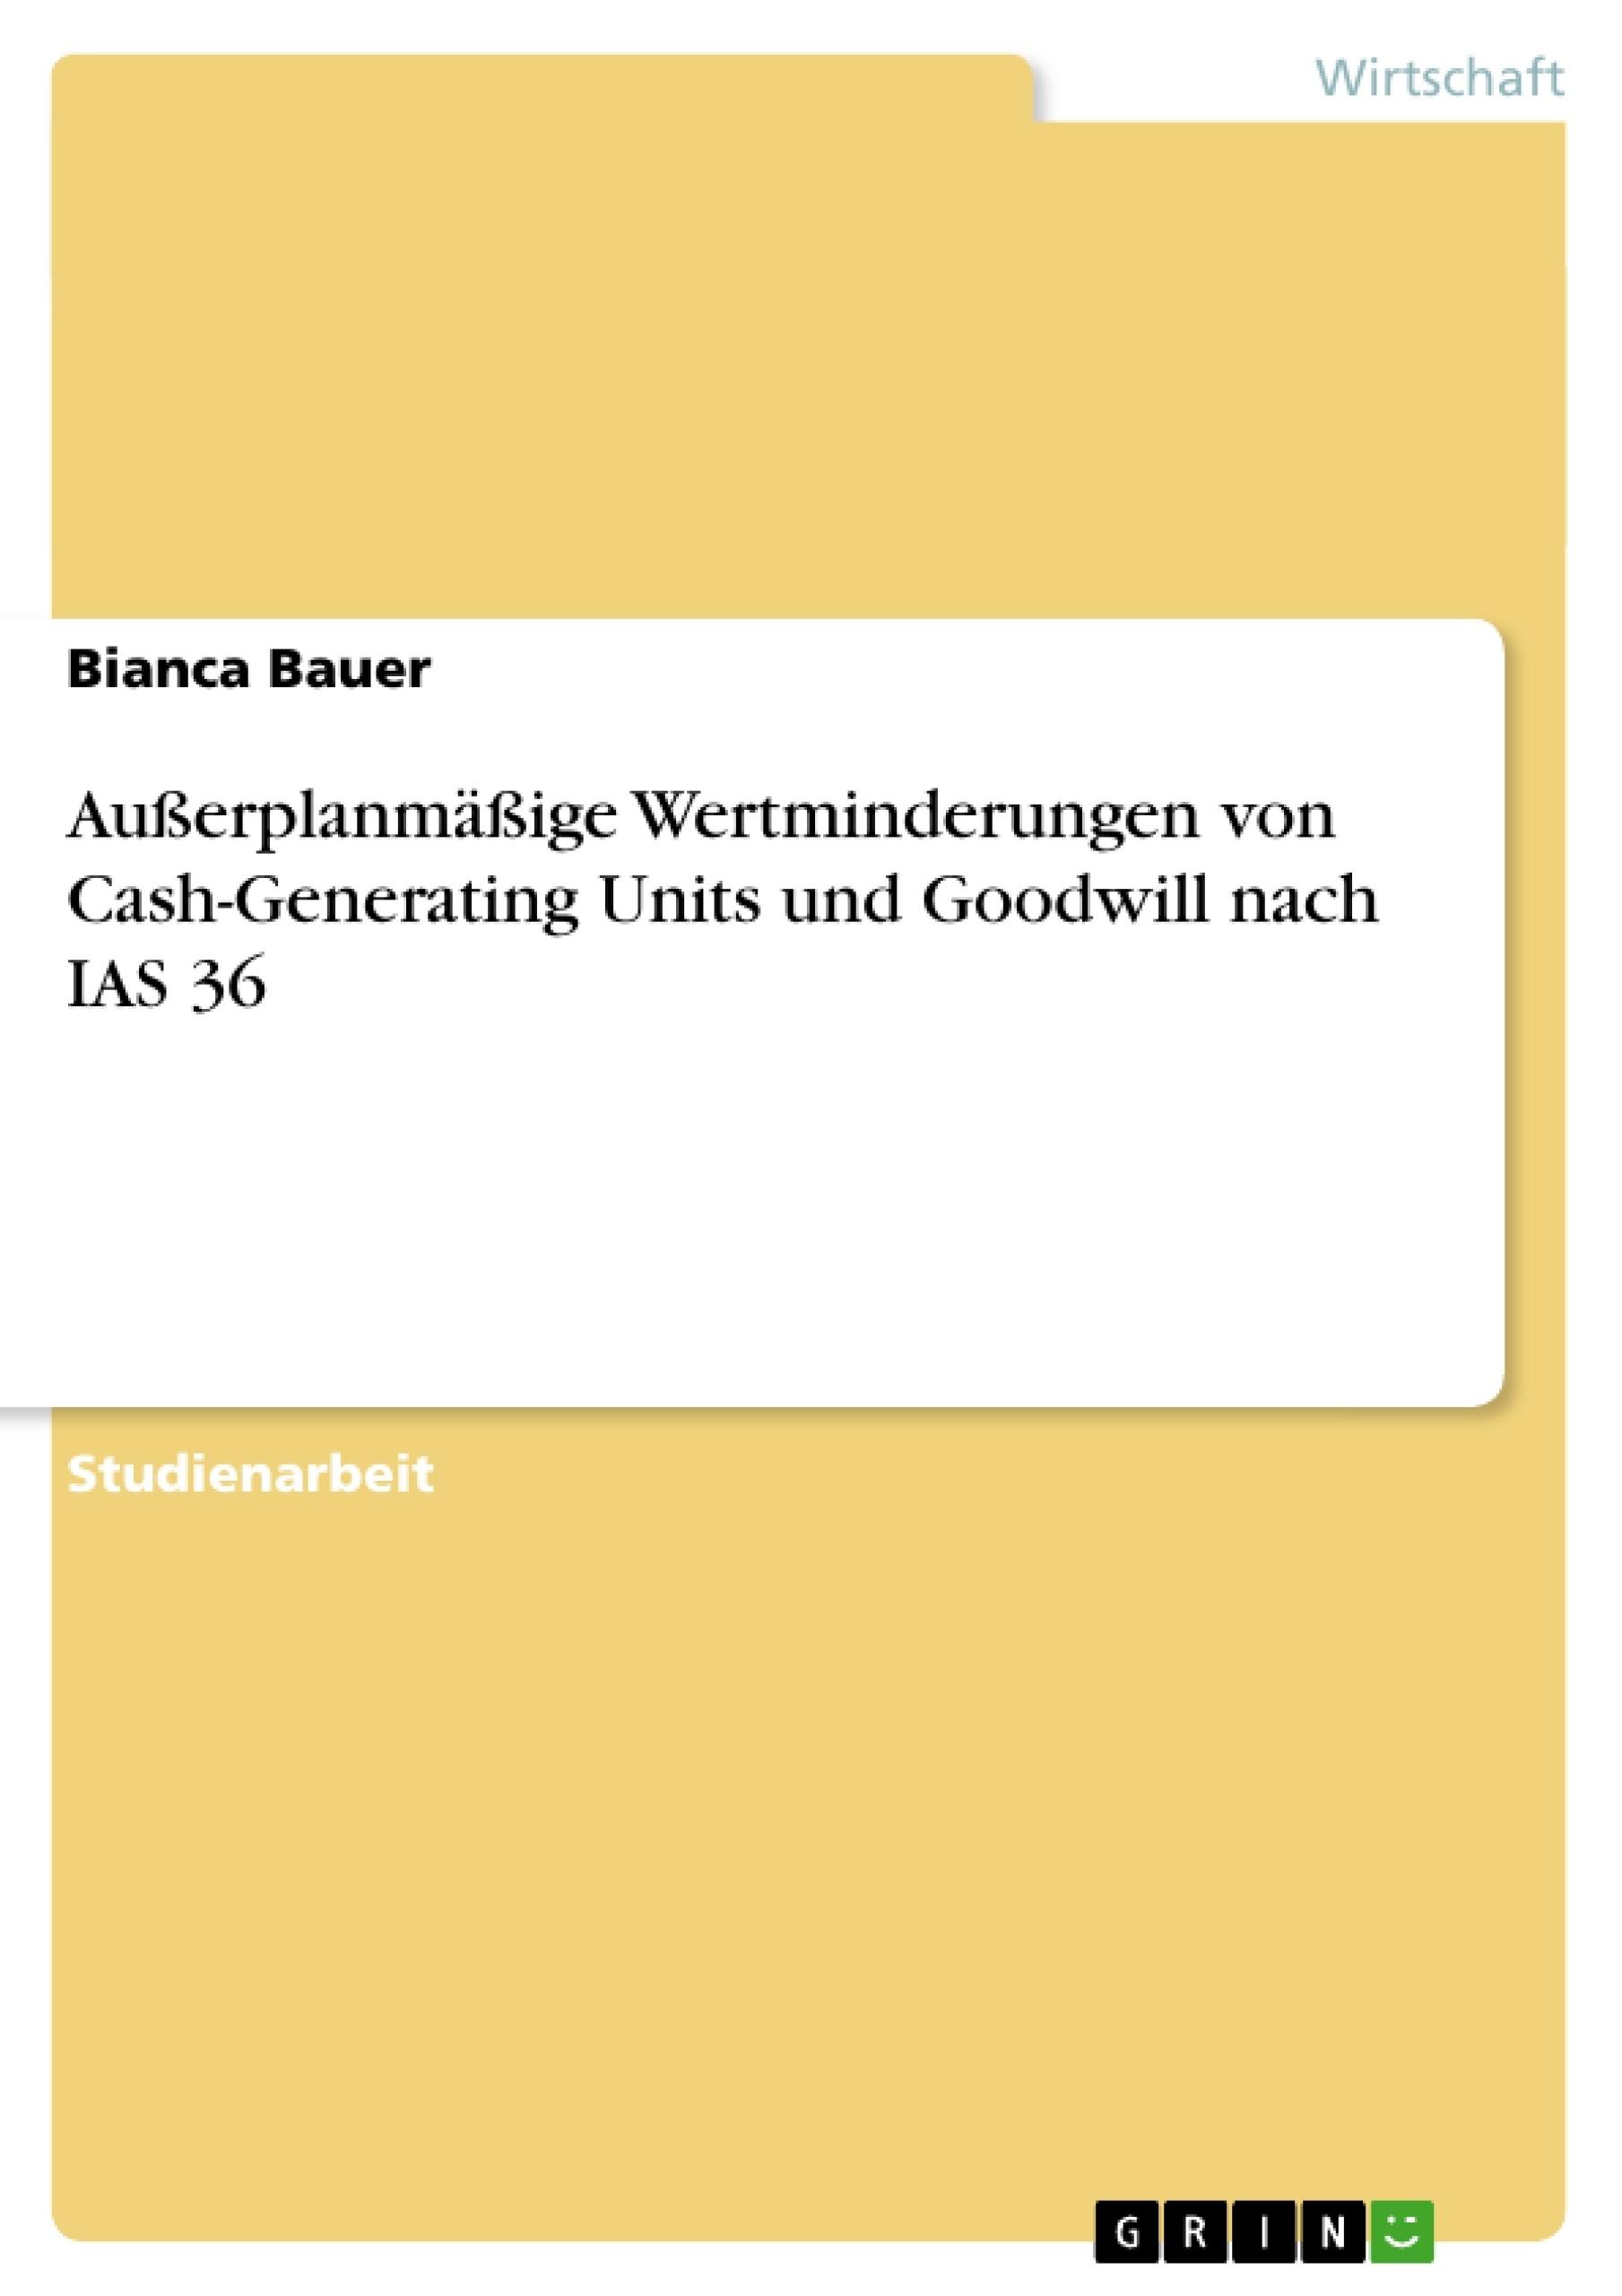 Titel: Außerplanmäßige Wertminderungen von Cash-Generating Units und Goodwill nach IAS 36